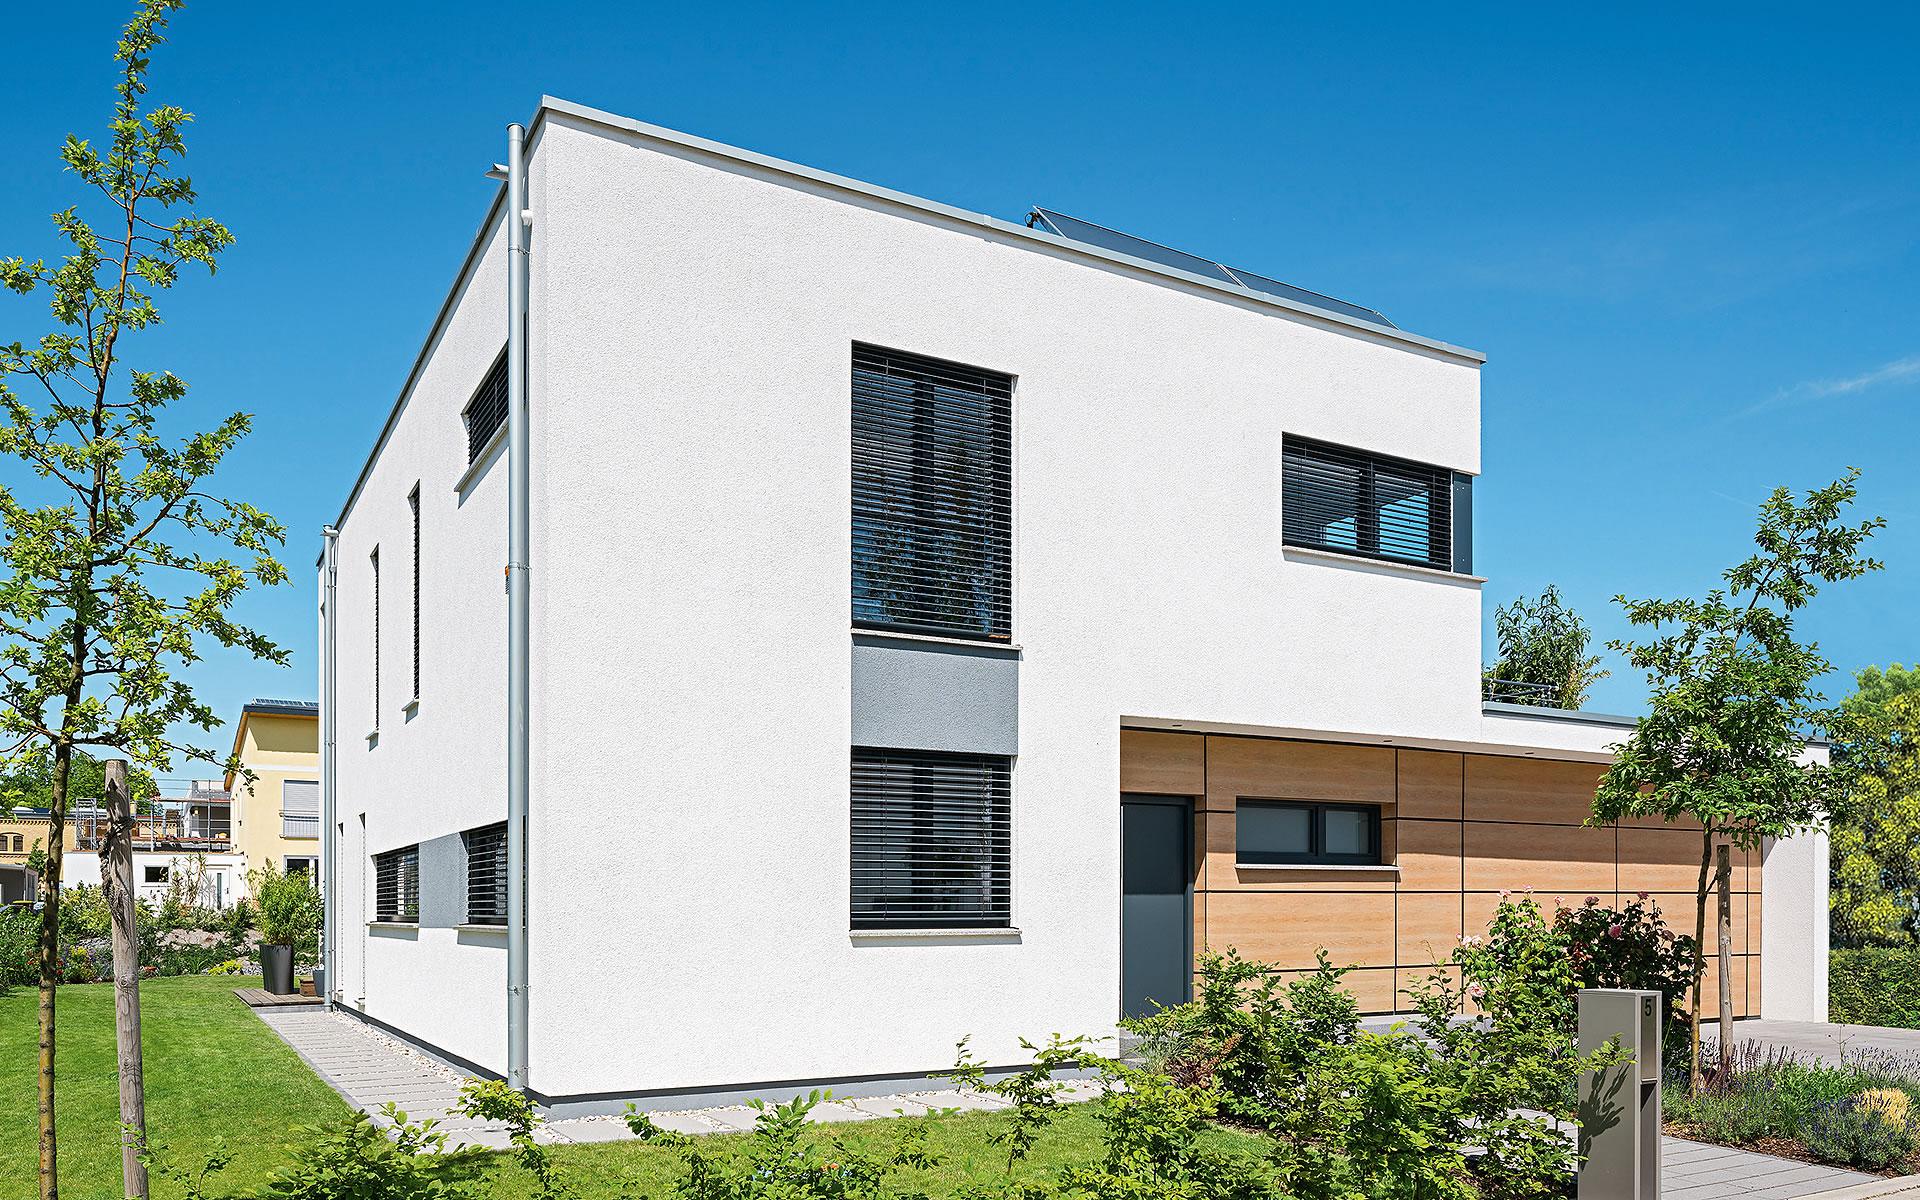 Individual (Blum) von WeberHaus GmbH & Co. KG